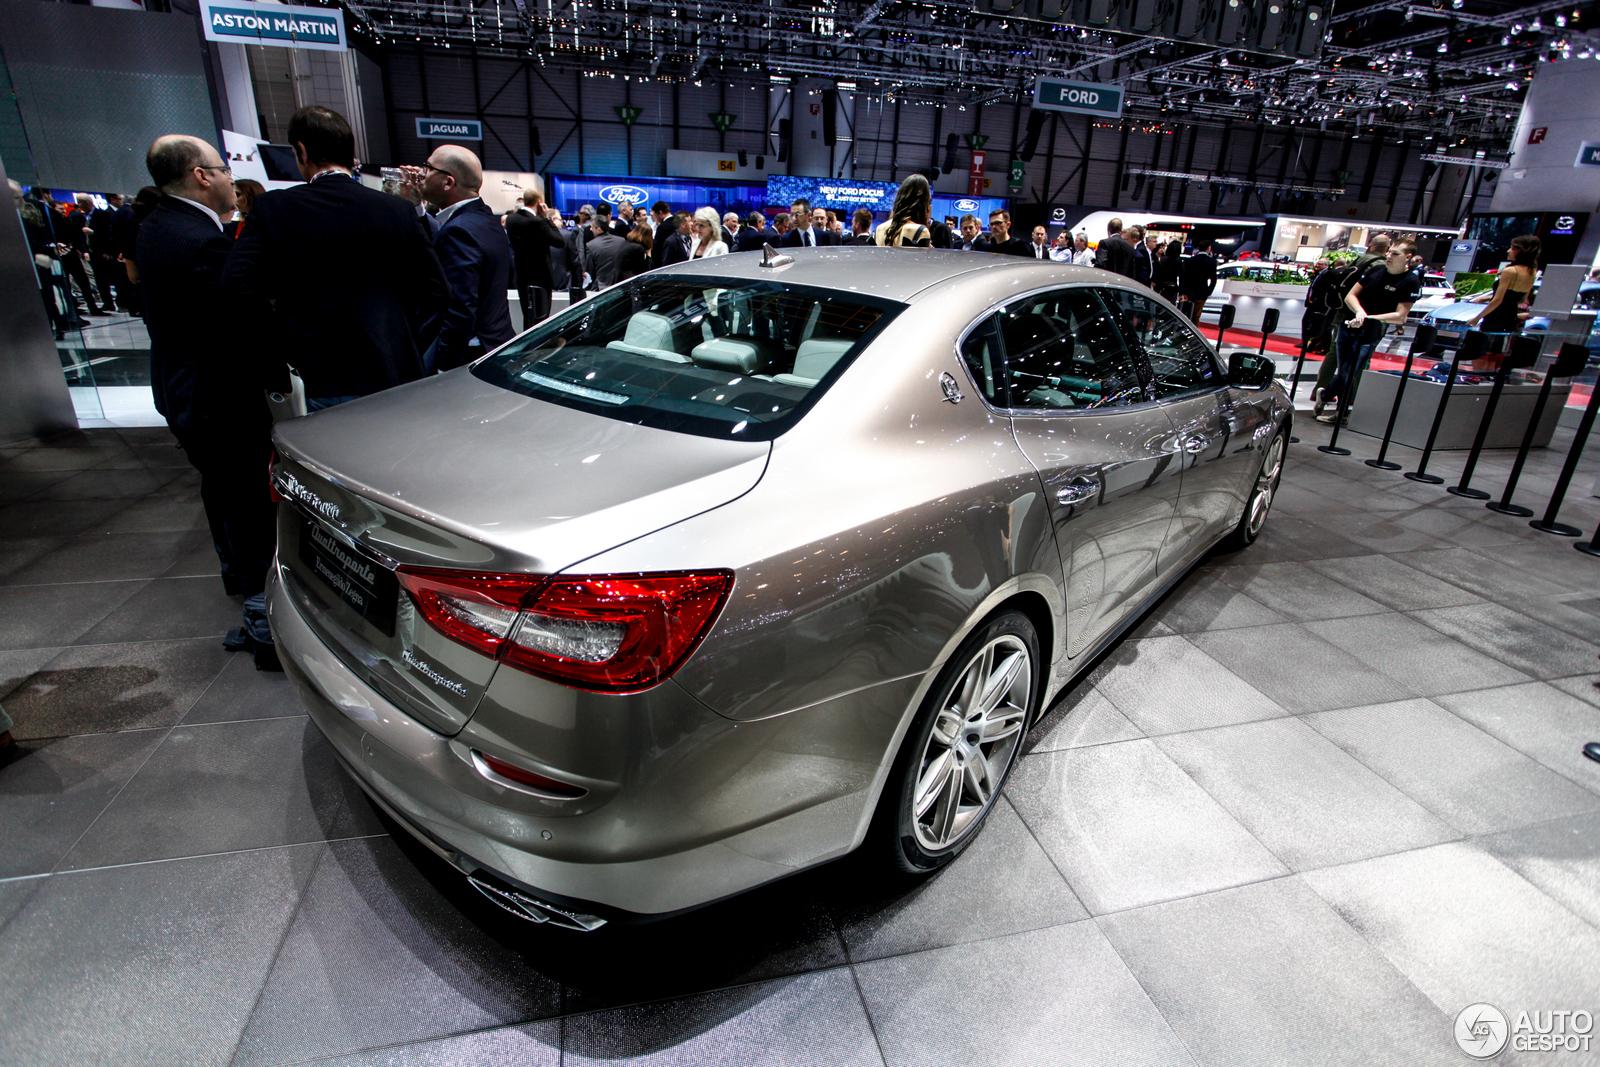 Geneva 2014: Maserati Quattroporte Ermenegildo Zegna Limited